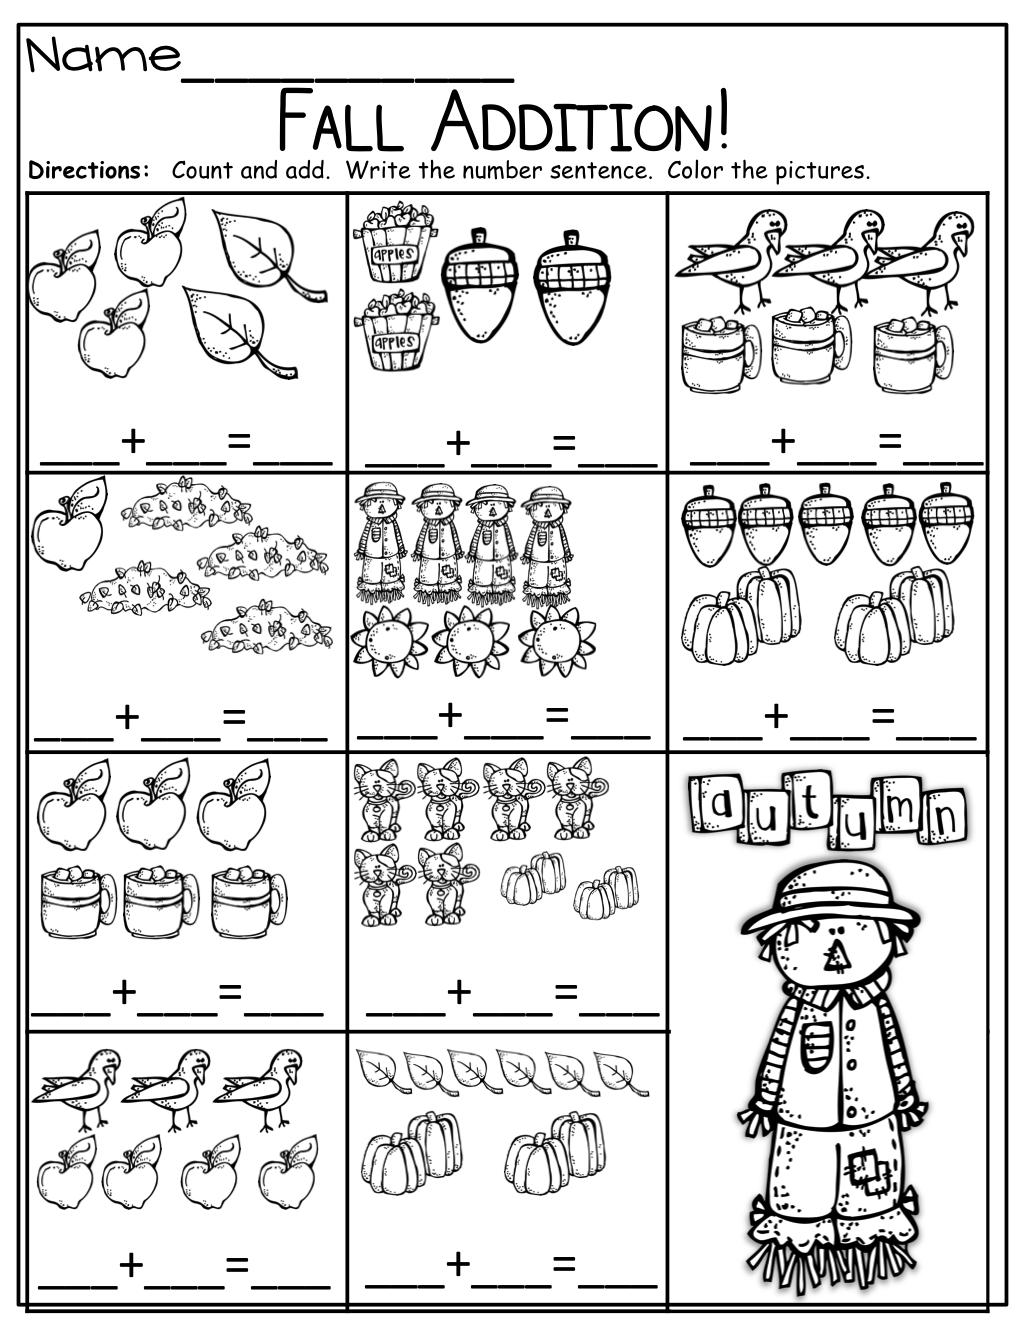 math coloring activities for kindergarten kindergarten math worksheets best coloring pages for kids for activities math kindergarten coloring